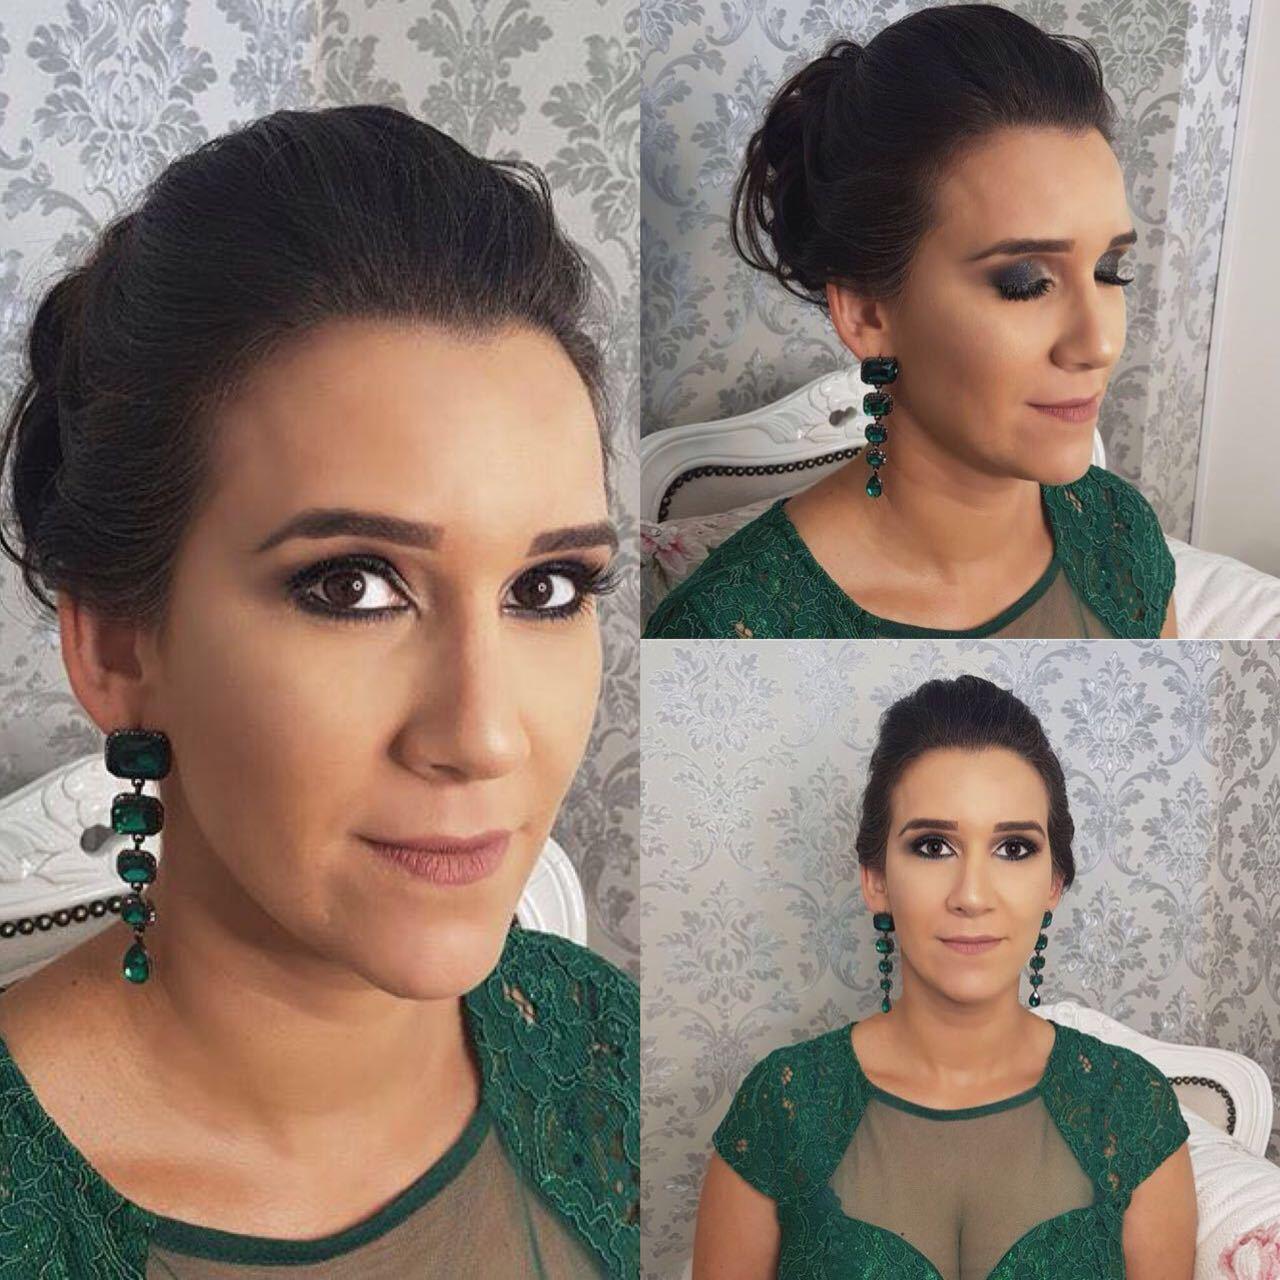 #madrinha #maquiagem #festa #maquiagemdefesta #casamento maquiagem maquiador(a)